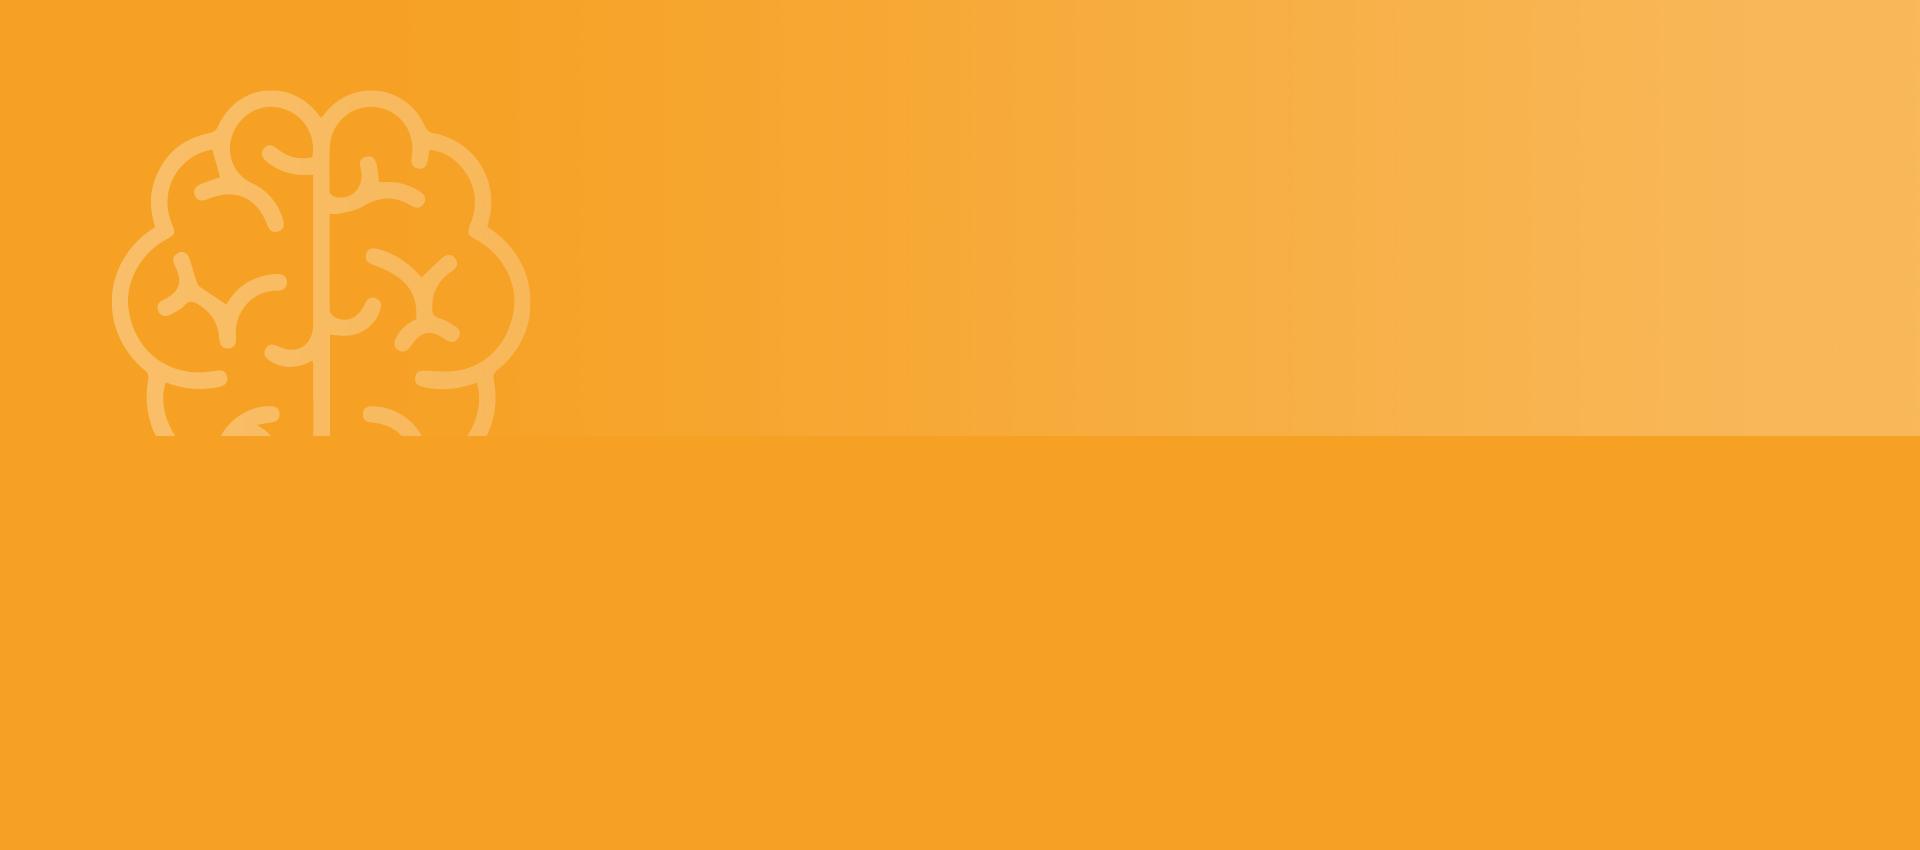 Mitdenkend - Oranger Hintergrund